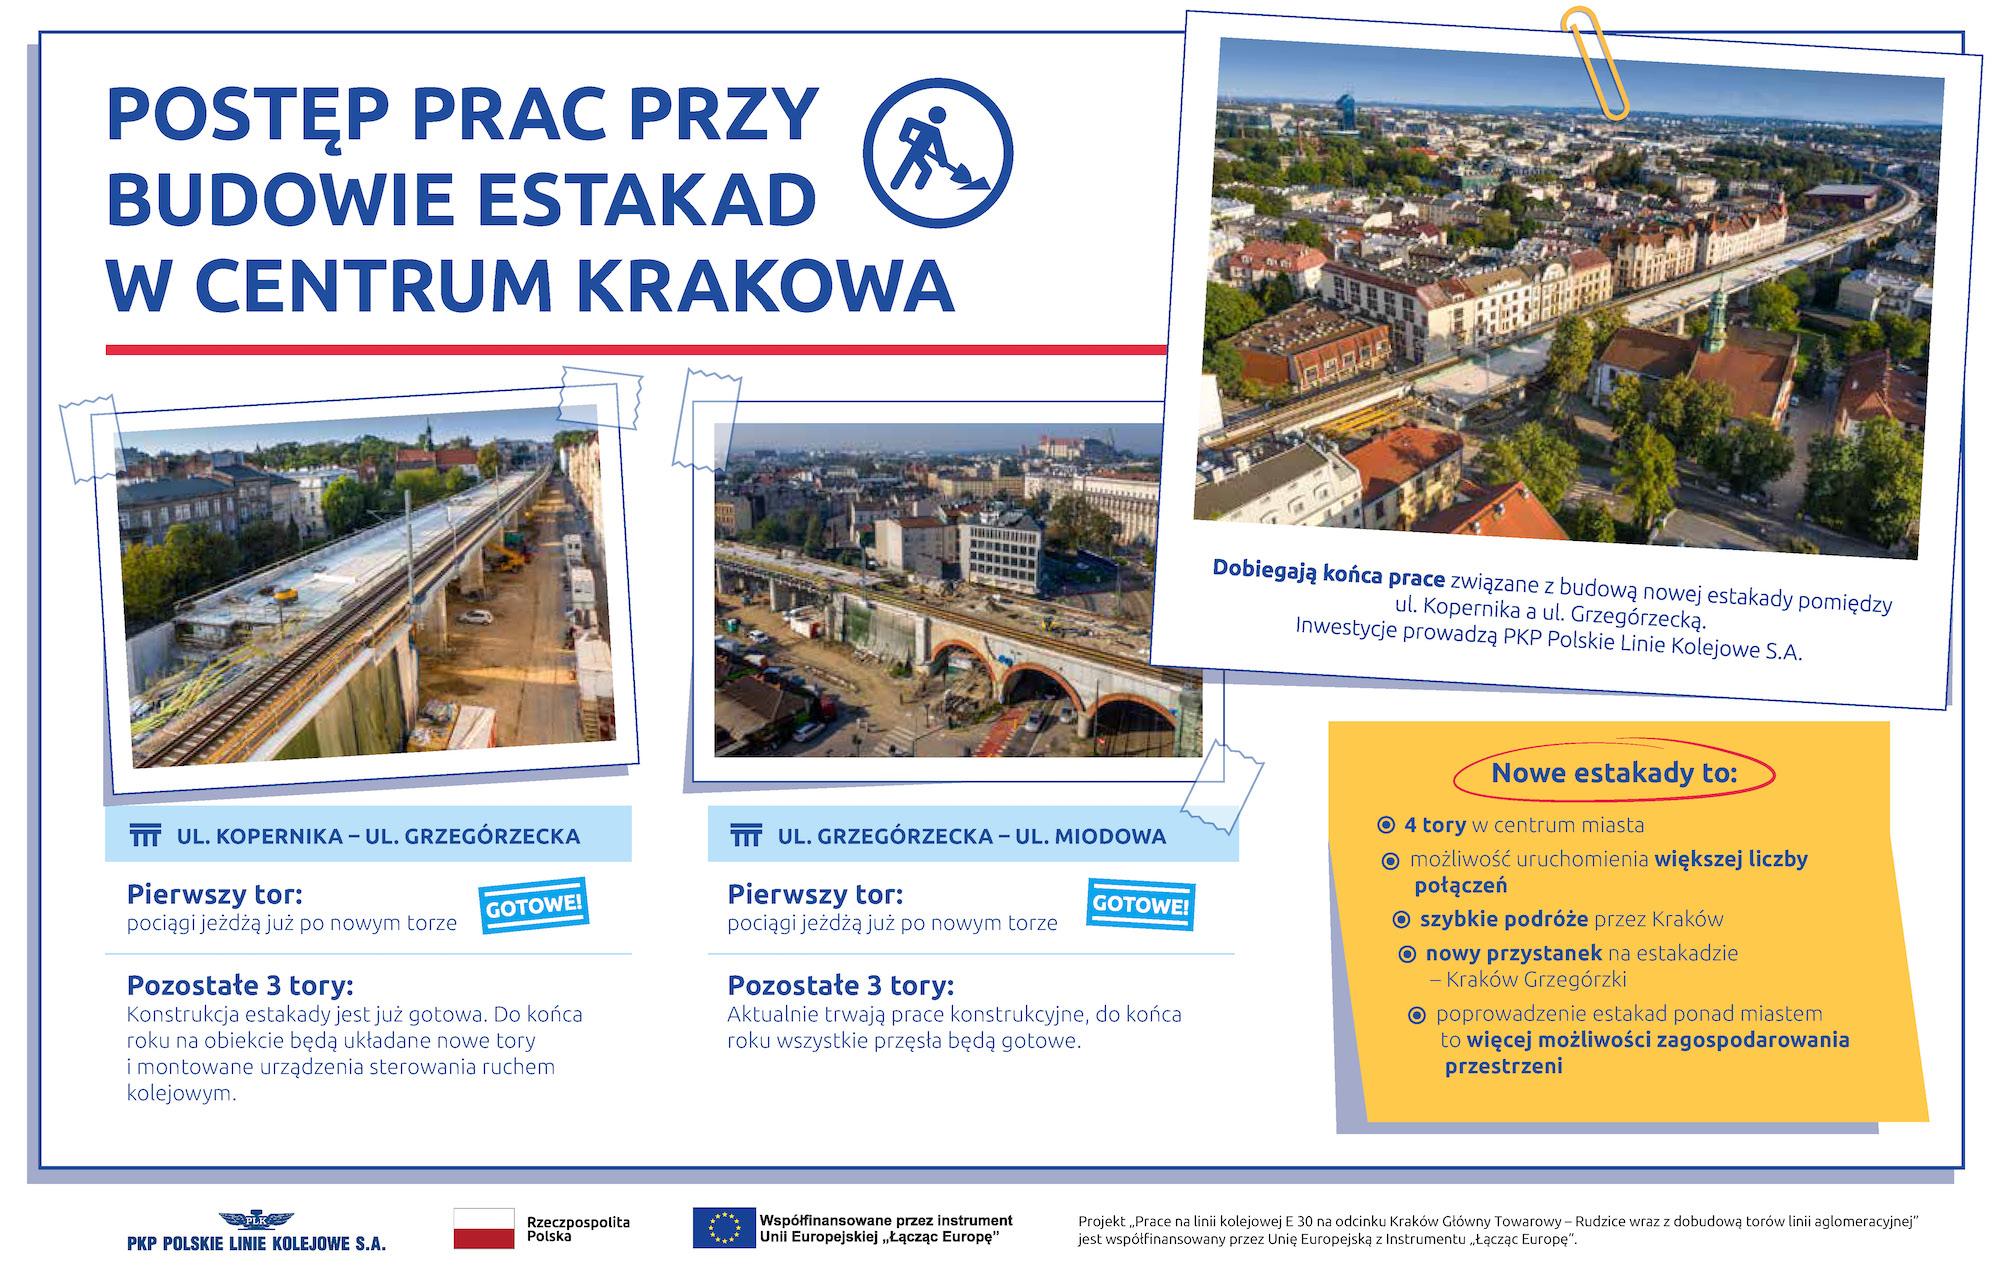 Infografika pokazująca postęp prac przy budowie estakad w centrum Krakowa. Zawiera zdjęcia budowanych estakad wykonane z powietrza.